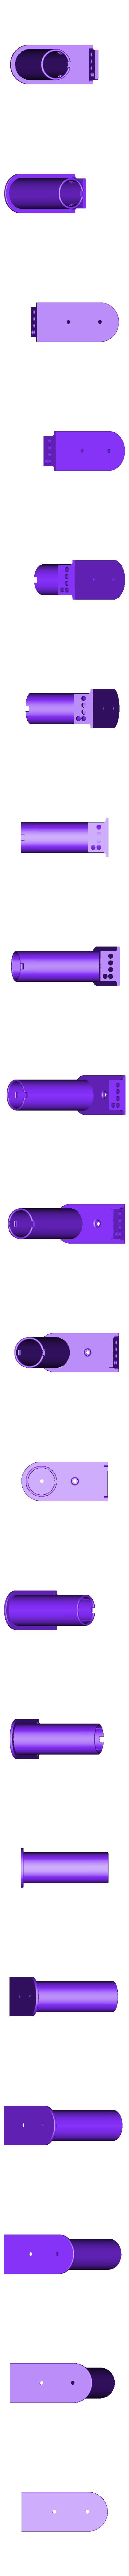 62mm_Labels_with_holes.stl Télécharger fichier STL gratuit Bobine d'imprimante Brother Label DK • Design pour imprimante 3D, Oggie